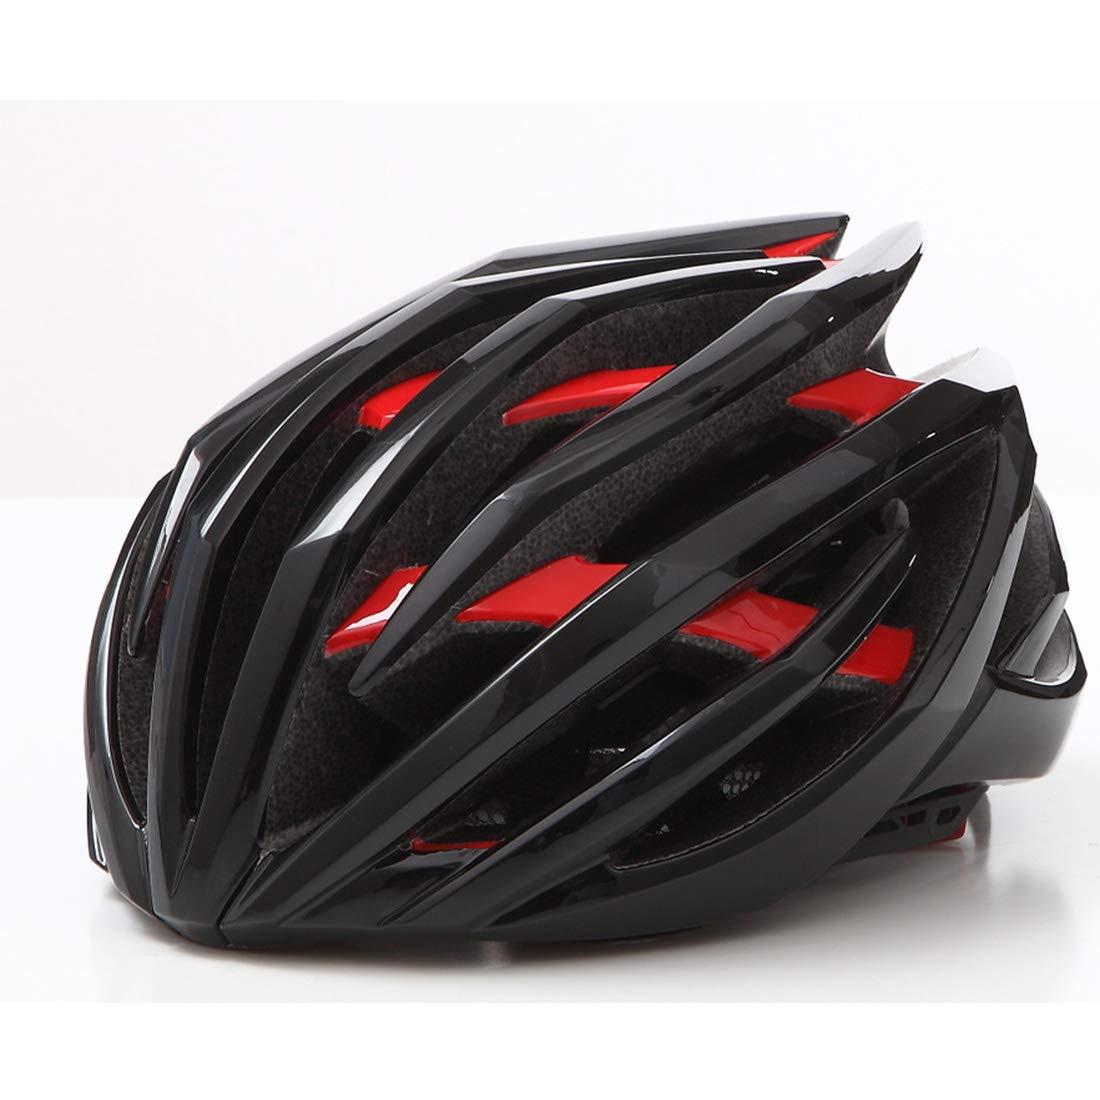 Dhrfyktu Casco da Bicicletta Casco da Bicicletta per Bicicletta Casco per Bicicletta per Adulti Adatto per Gli Appassionati di Ciclismo all'aperto (Colore   A4, Dimensione   M)